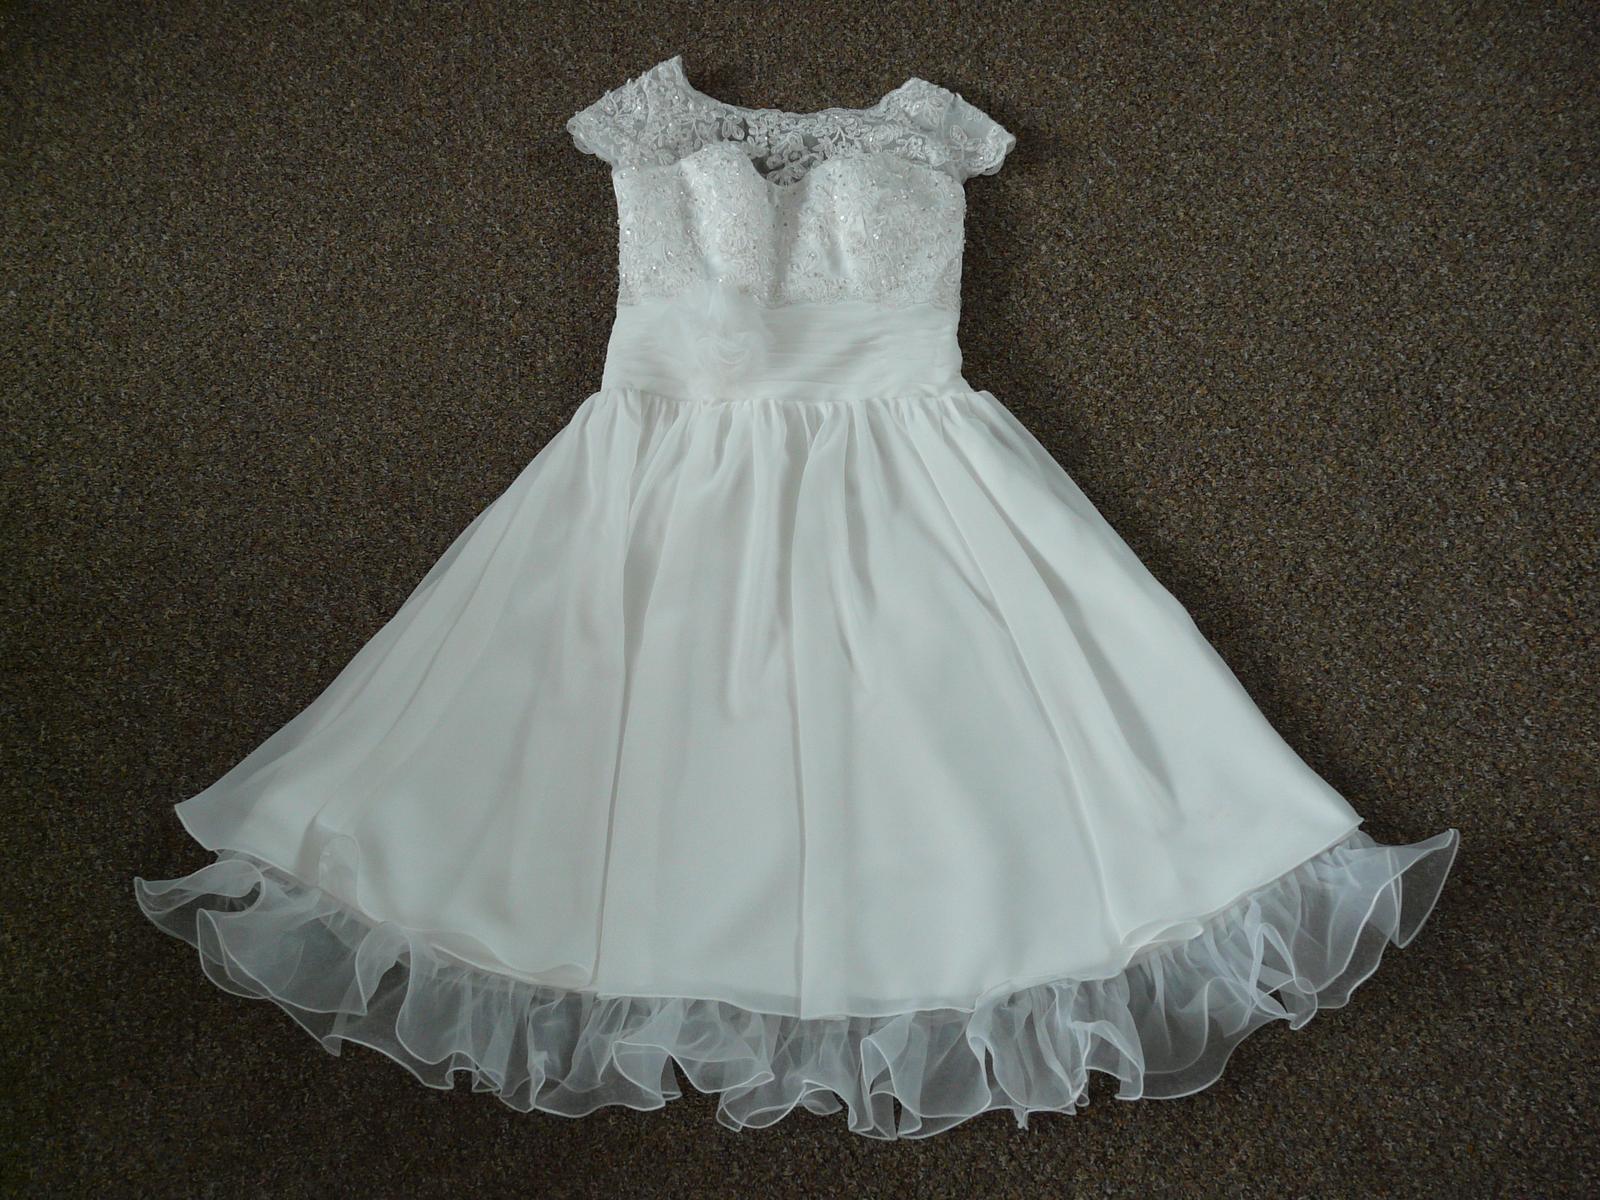 Ivory krátké svatební šaty, různé velikosti, reáln - Obrázek č. 1